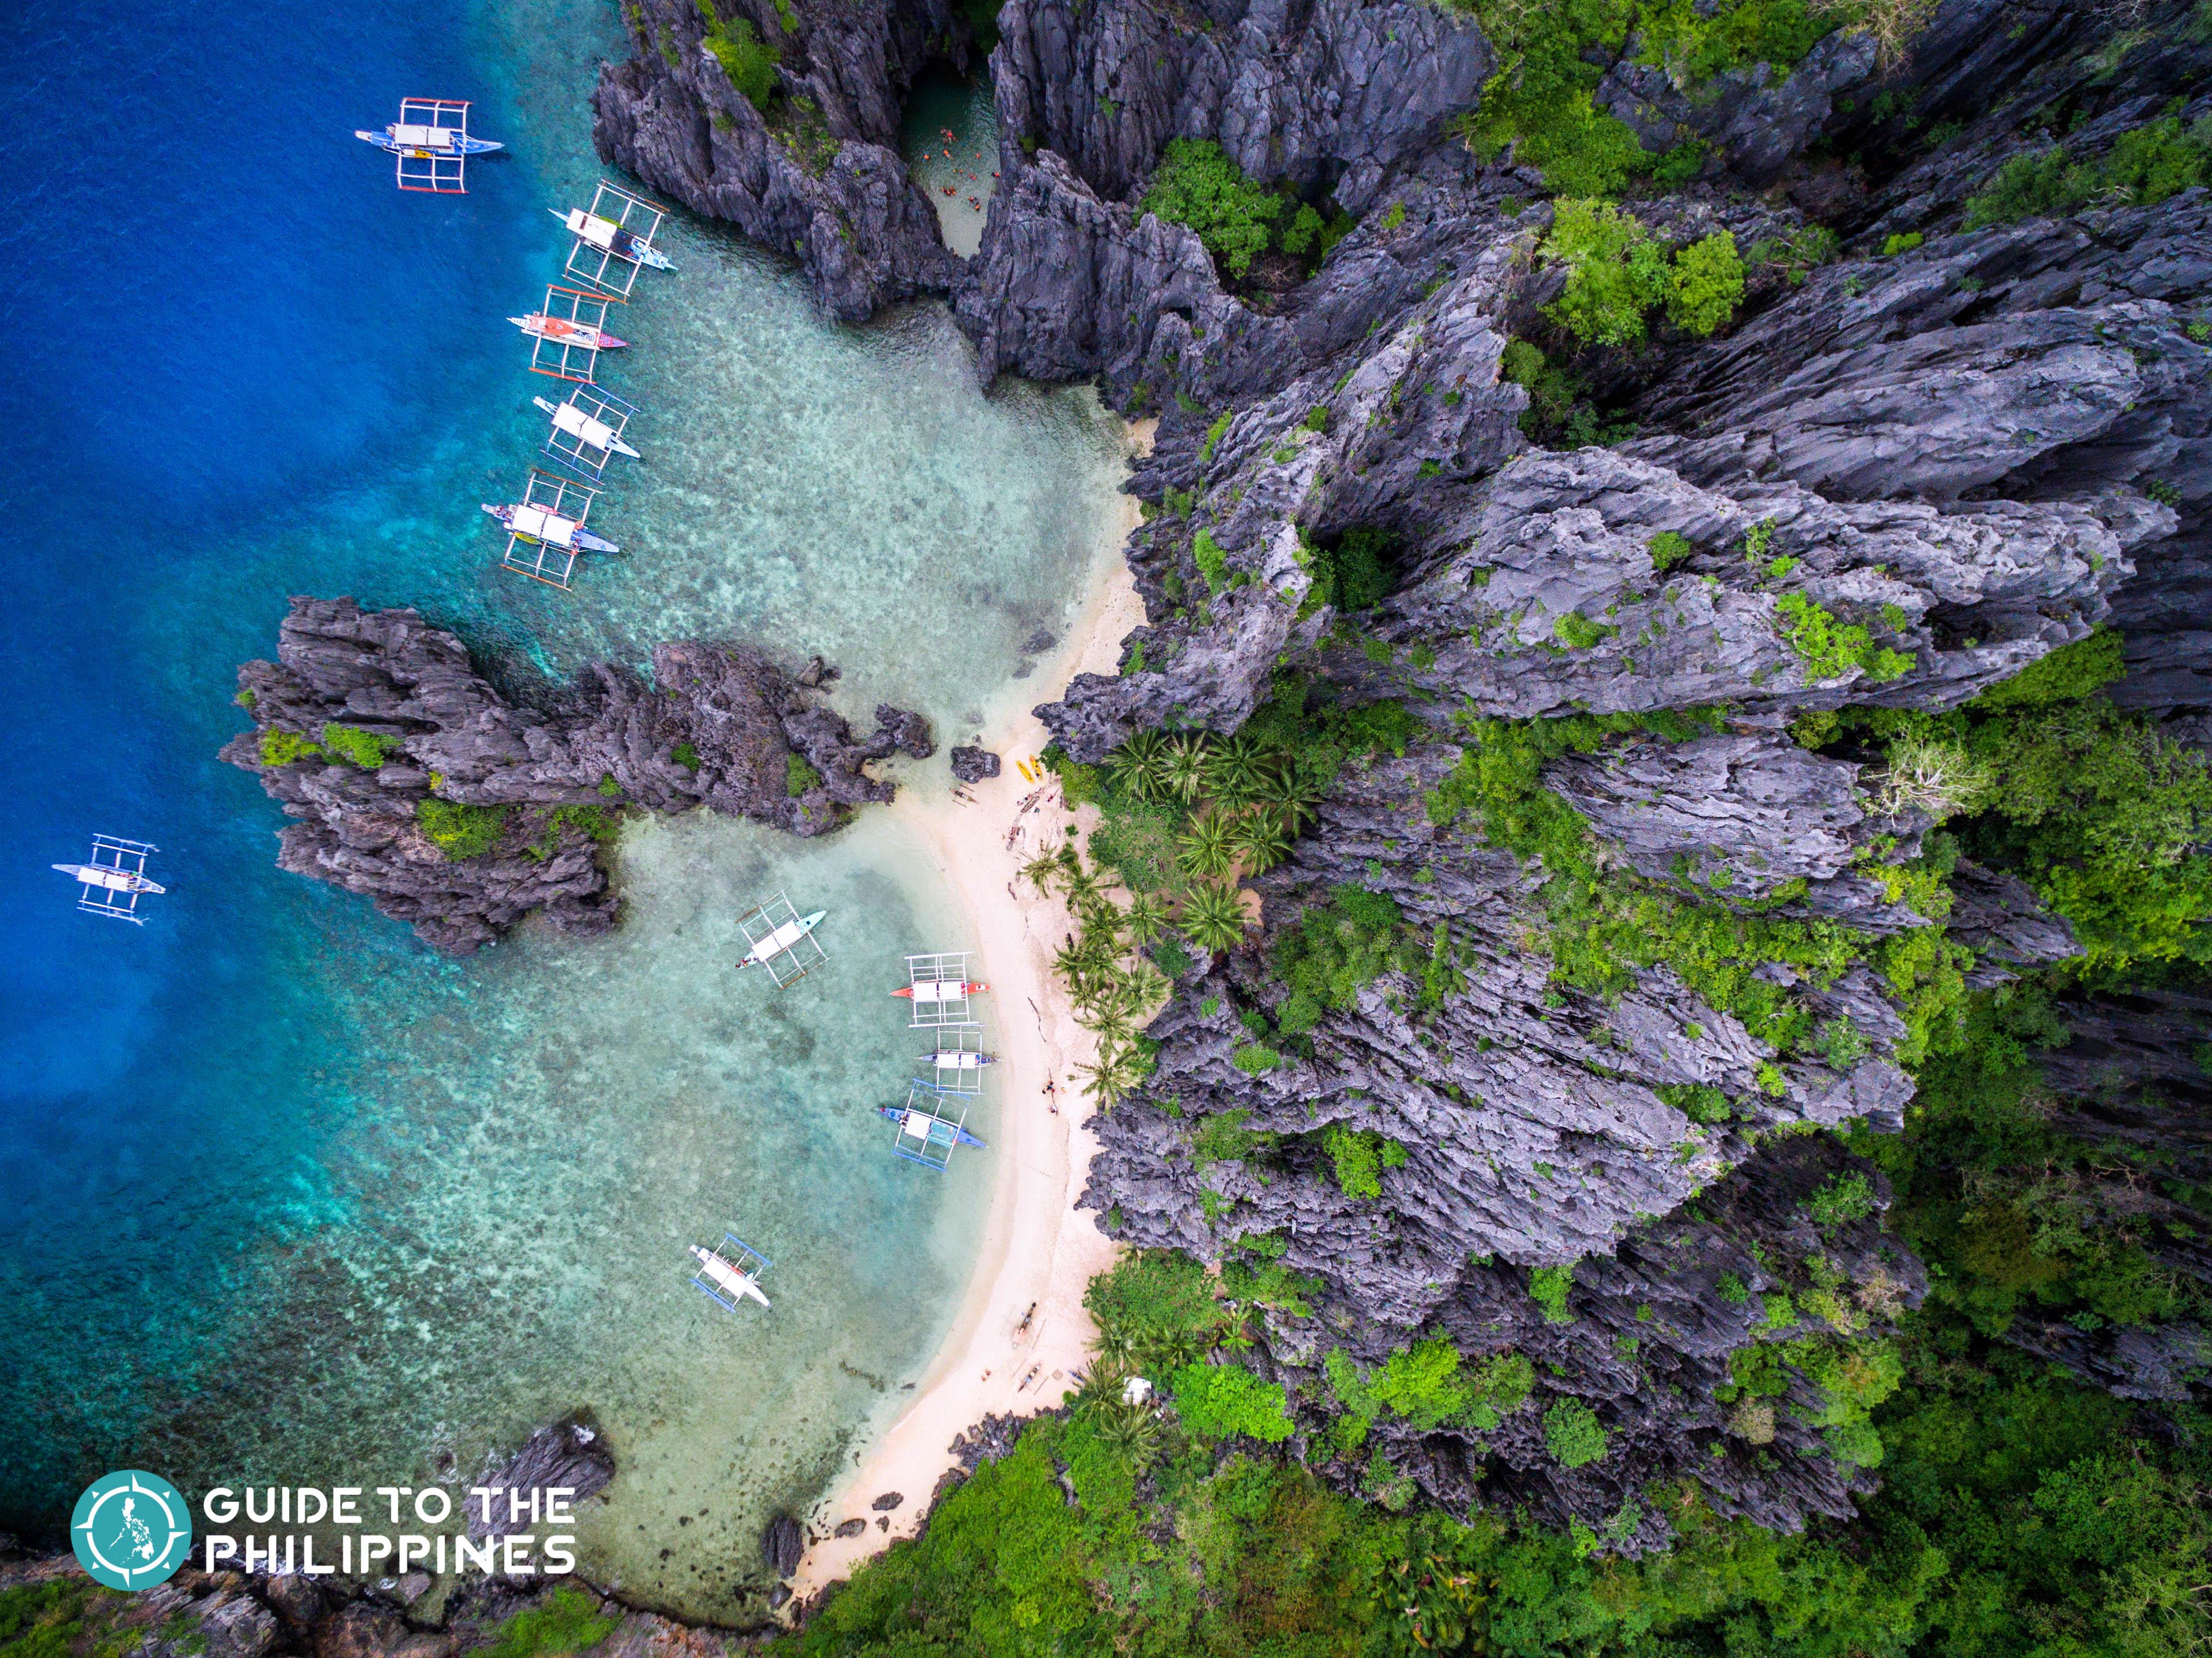 El Nido Palawan Travel Guide: Hotels, Itinerary & Tips + COVID-19 Travel Requirements